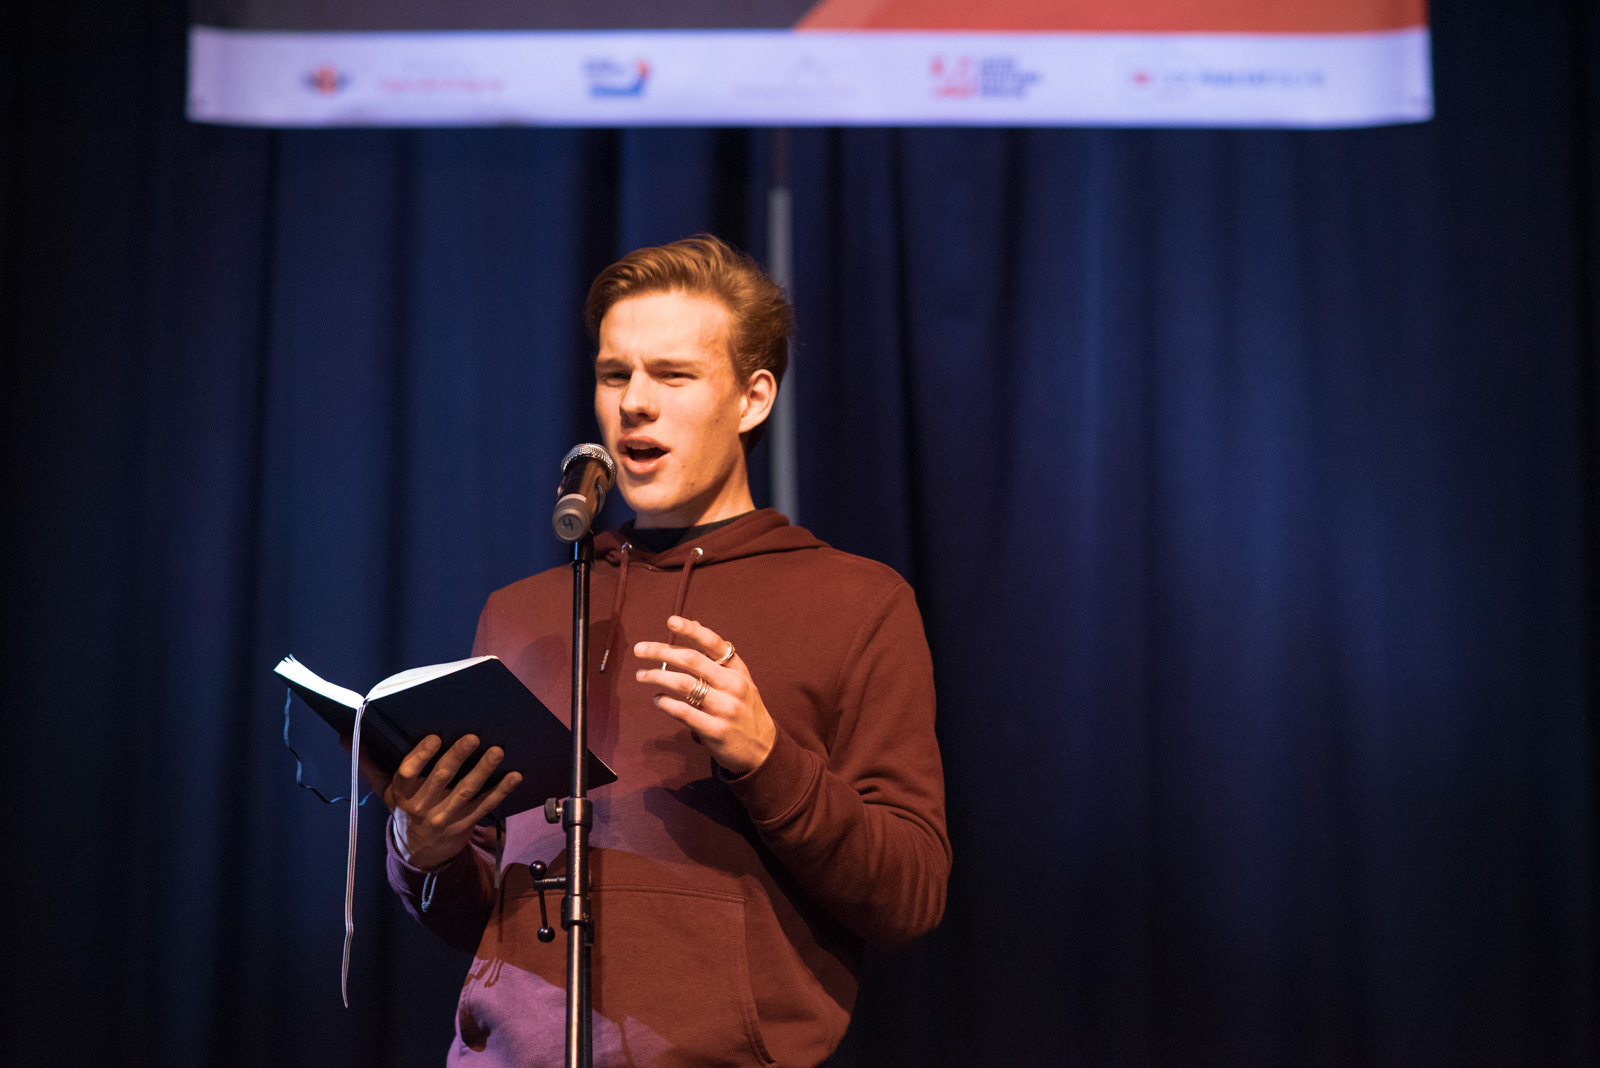 Ein junger Mann steht auf einer Bühne hinter einem Mikrophone. Er hält ein Notizbuch in der Hand und spricht.